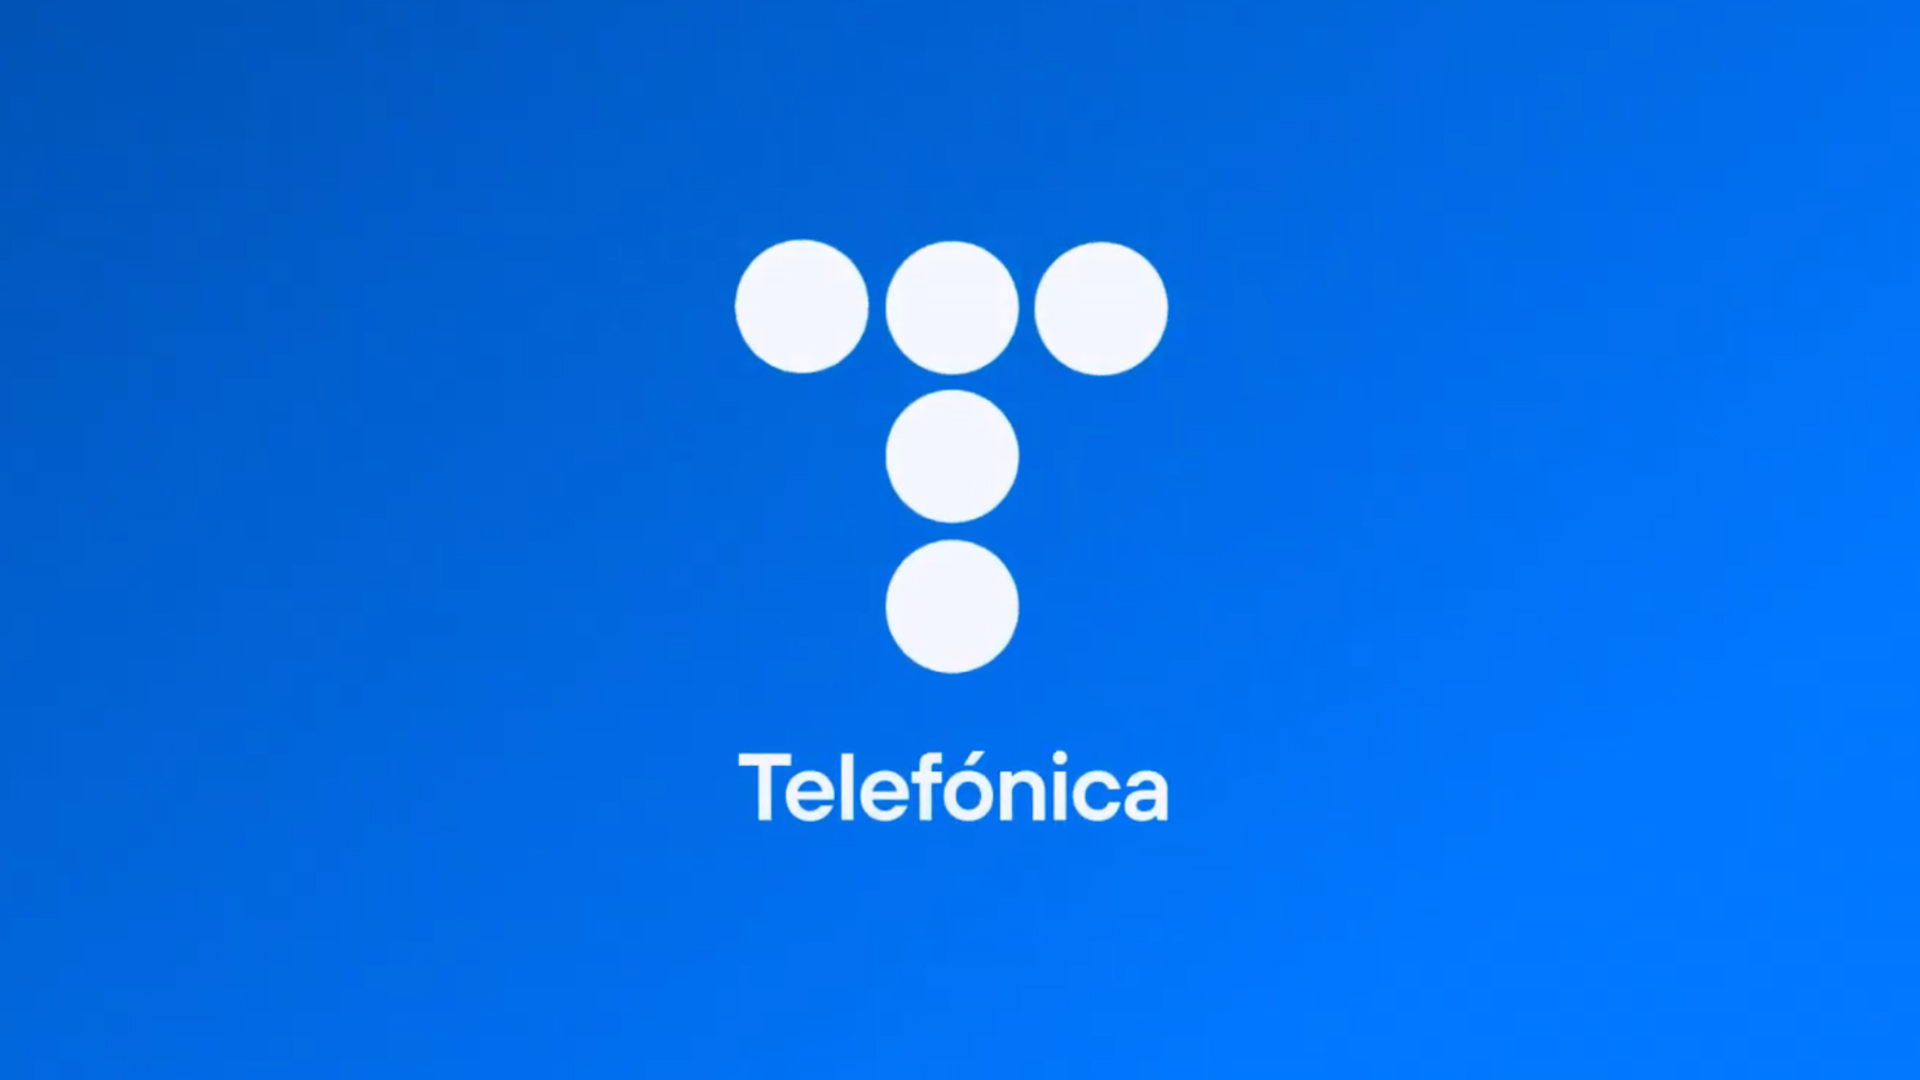 Telefónica cambia de logo después de dos décadas